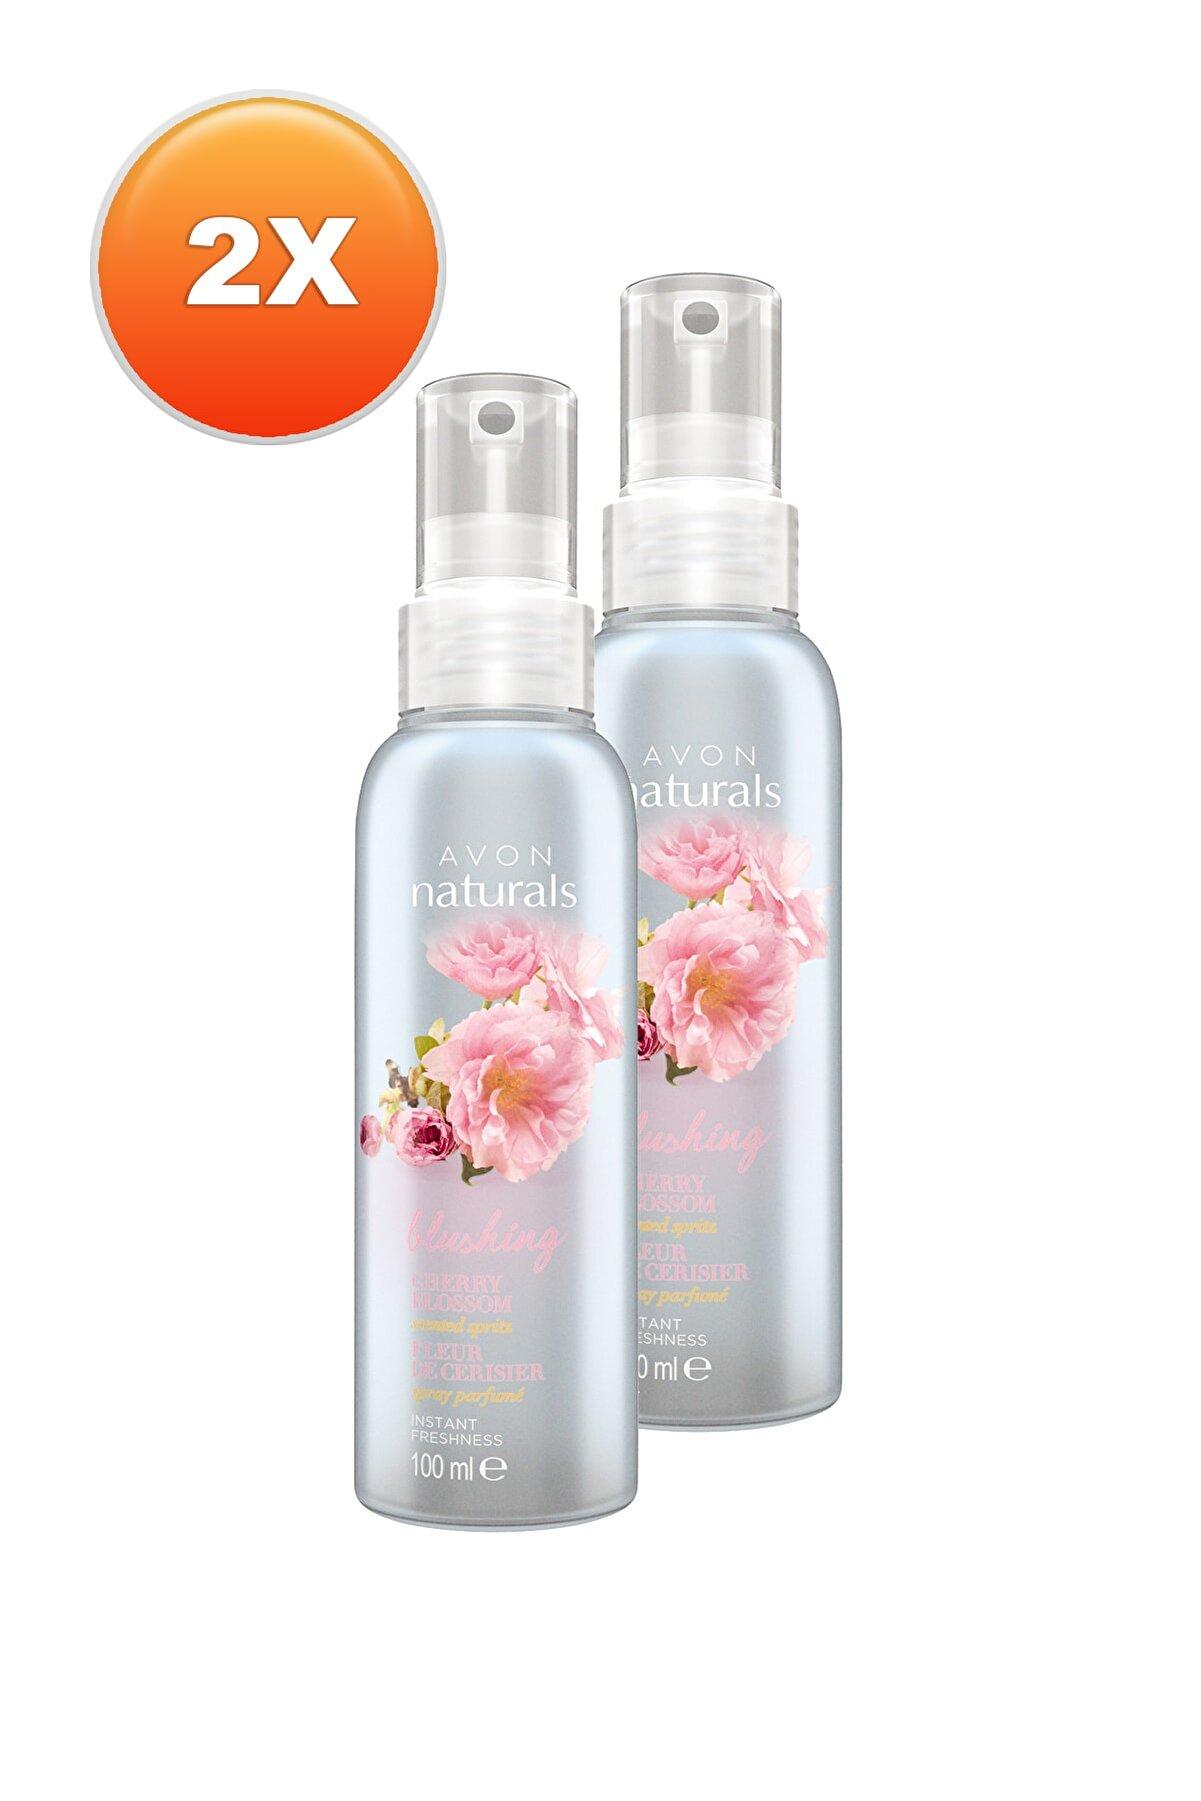 Avon Naturals Kiraz Çiçeği Özlü Kadın Vücut Spreyi 2'li Set 5050000100410